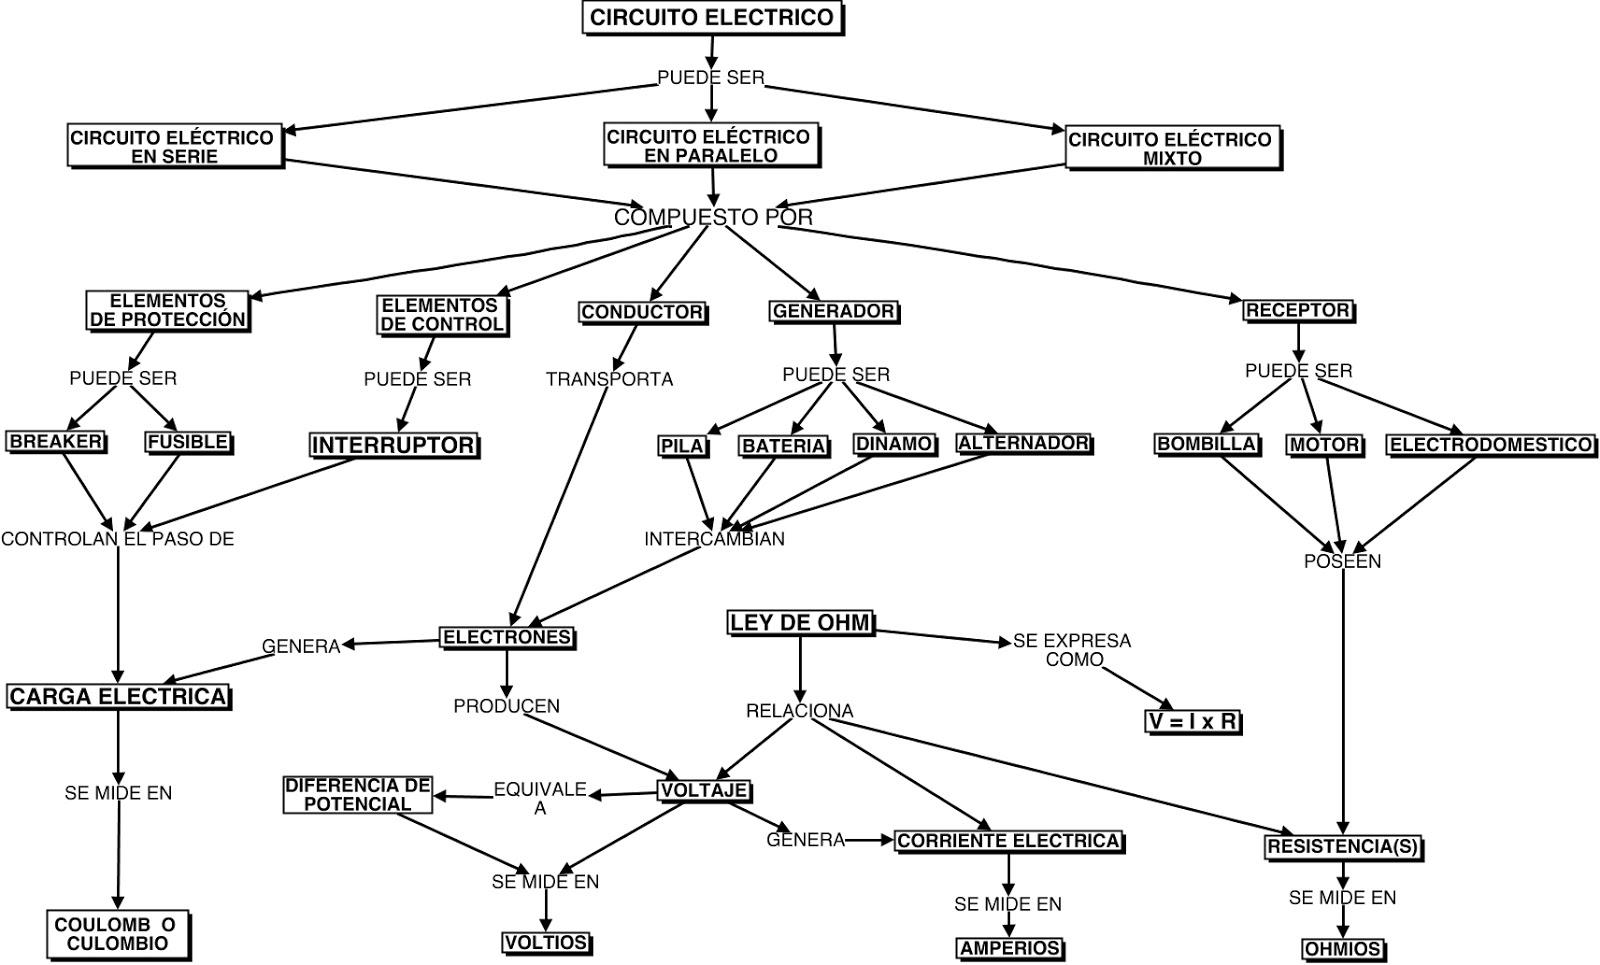 Circuito Electrico : Grado y mauris sarria circuito elÉctrico mapa mental en b y n